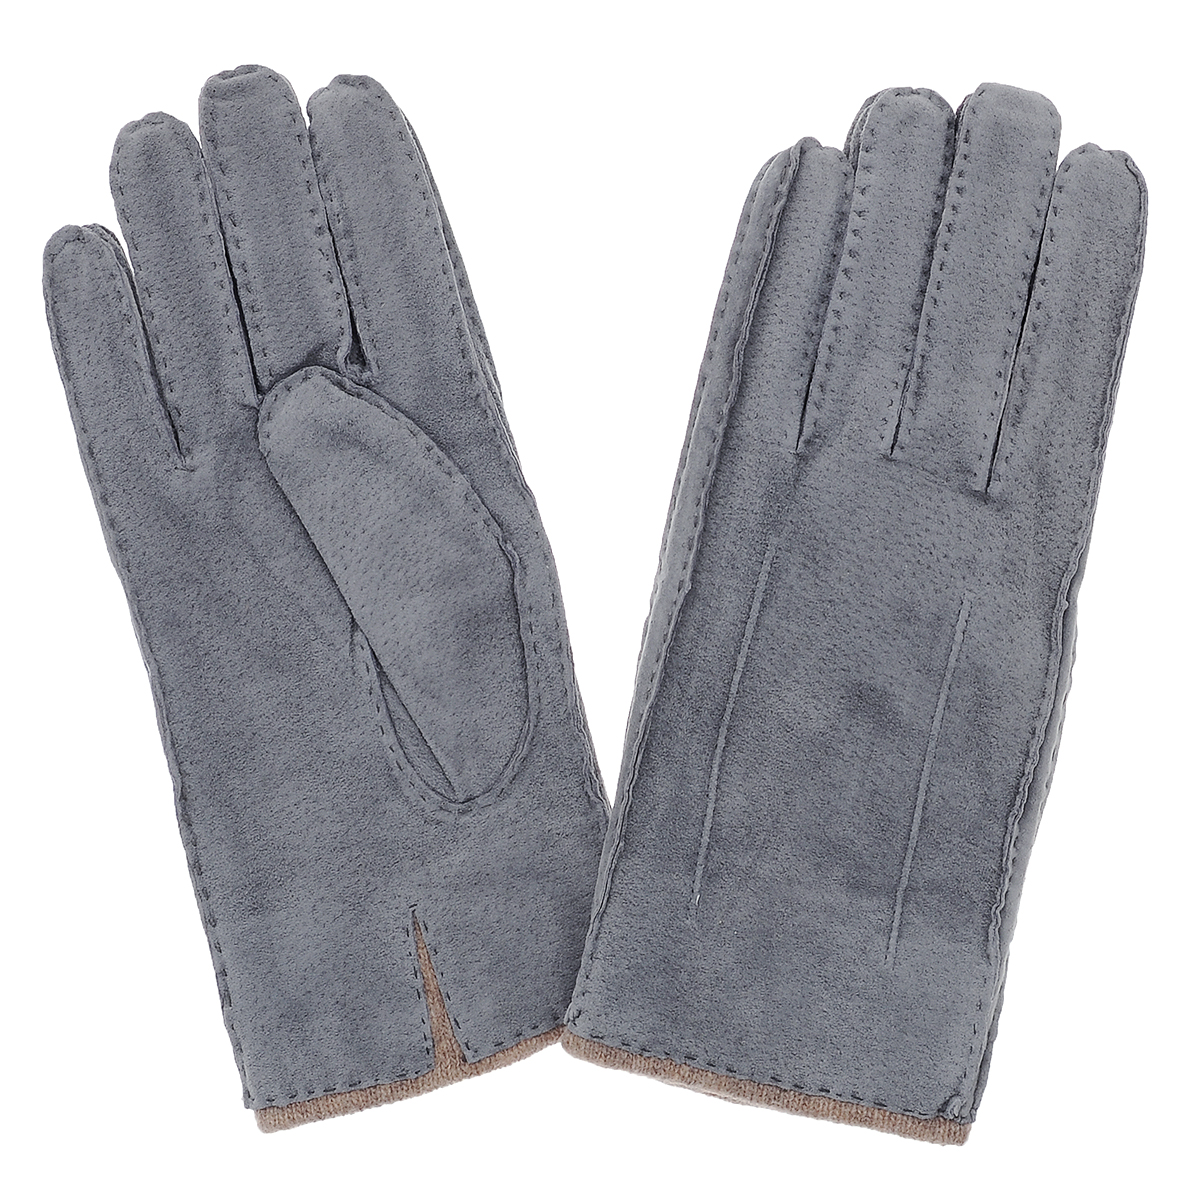 Перчатки мужские Dali Exclusive, цвет: серый. SP16_FORK/GR. Размер 8,5SP16_FORK/GRСтильные мужские перчатки Dali Exclusive не только защитят ваши руки, но и станут великолепным украшением. Перчатки выполнены из чрезвычайно мягкой и приятной на ощупь натуральной замши, а их подкладка - из натуральной шерсти. Перчатки с внешней стороны оформлены декоративными стежками.Модель благодаря своему лаконичному исполнению прекрасно дополнит образ любого мужчины и сделает его более стильным, придав тонкую нотку брутальности. Создайте элегантный образ и подчеркните свою яркую индивидуальность новым аксессуаром!